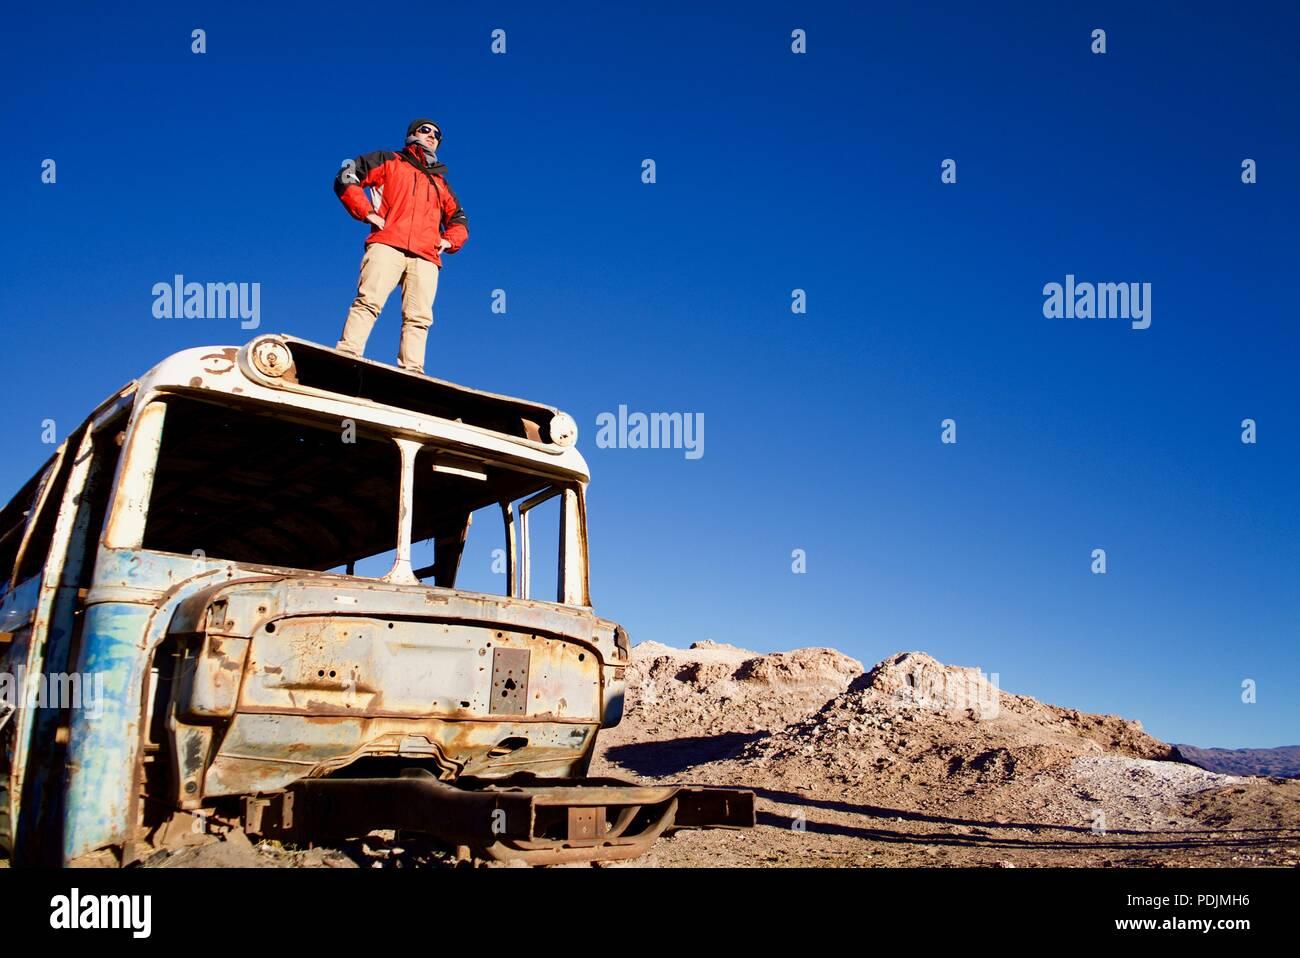 Pronto ad affrontare le nuove sfide. Prese su un bus abbandonati nel deserto di Atacama molto presto la mattina Immagini Stock